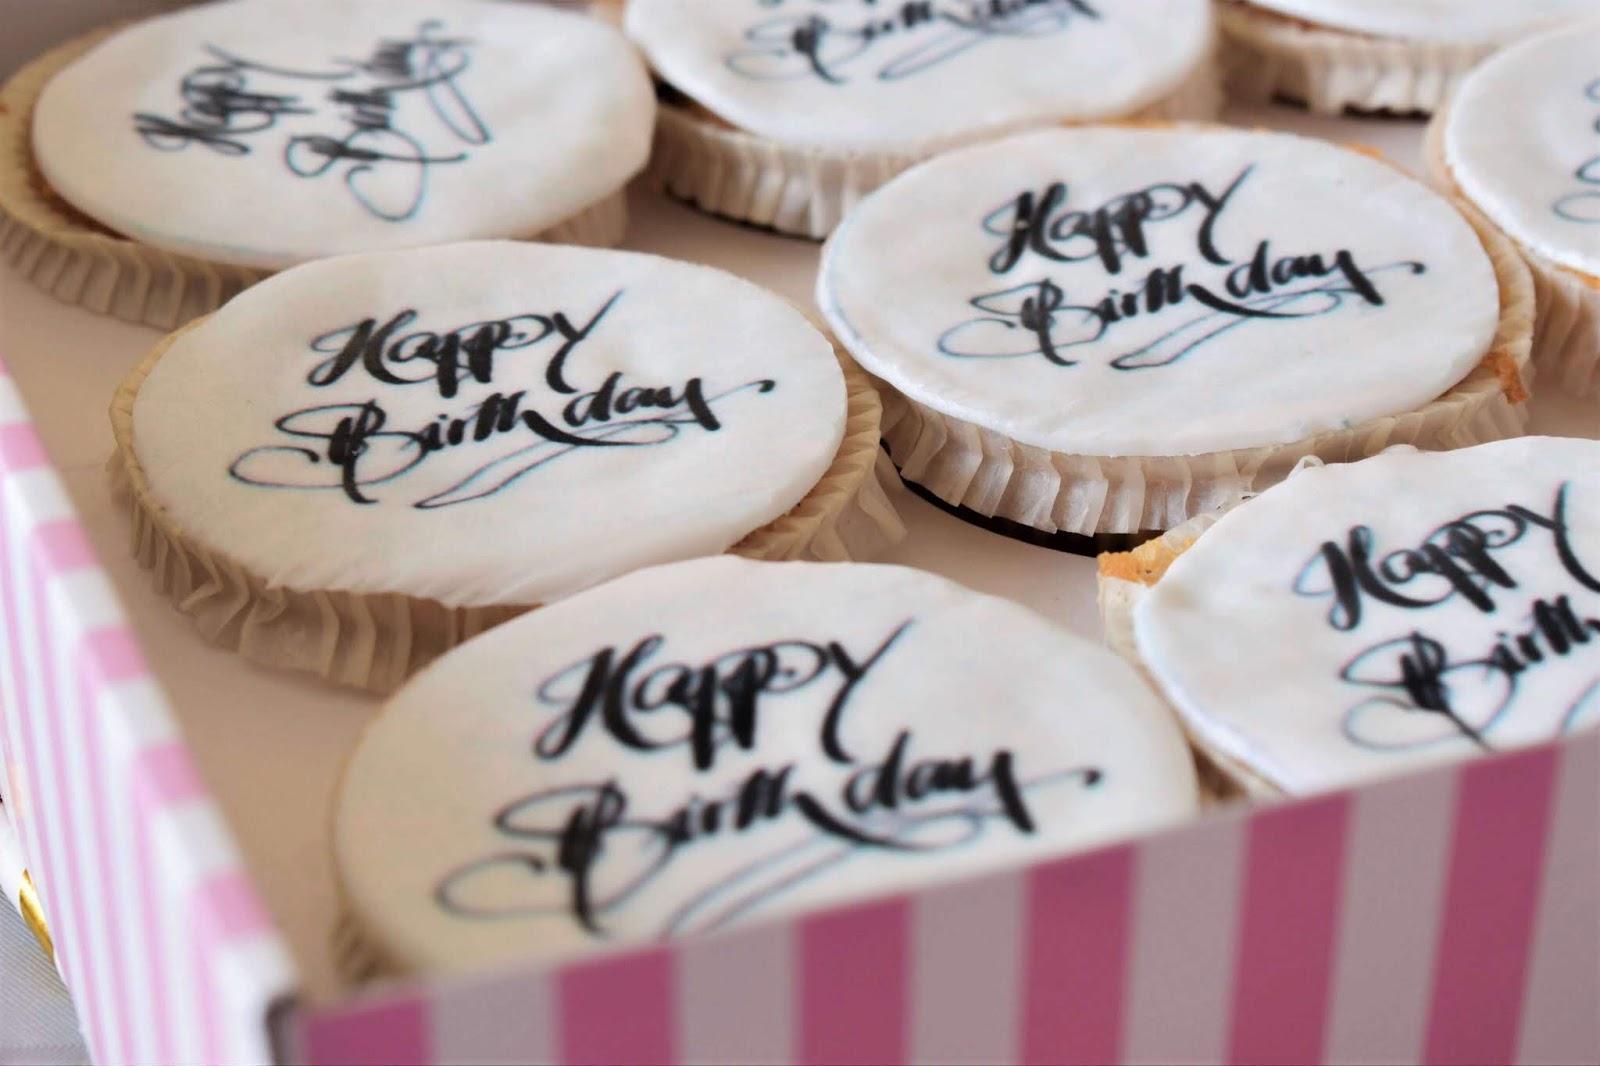 #BIRTHDAY | MON GÂTEAU D'ANNIVERSAIRE ALT CUPCAKES VOTREGATEAU.FR